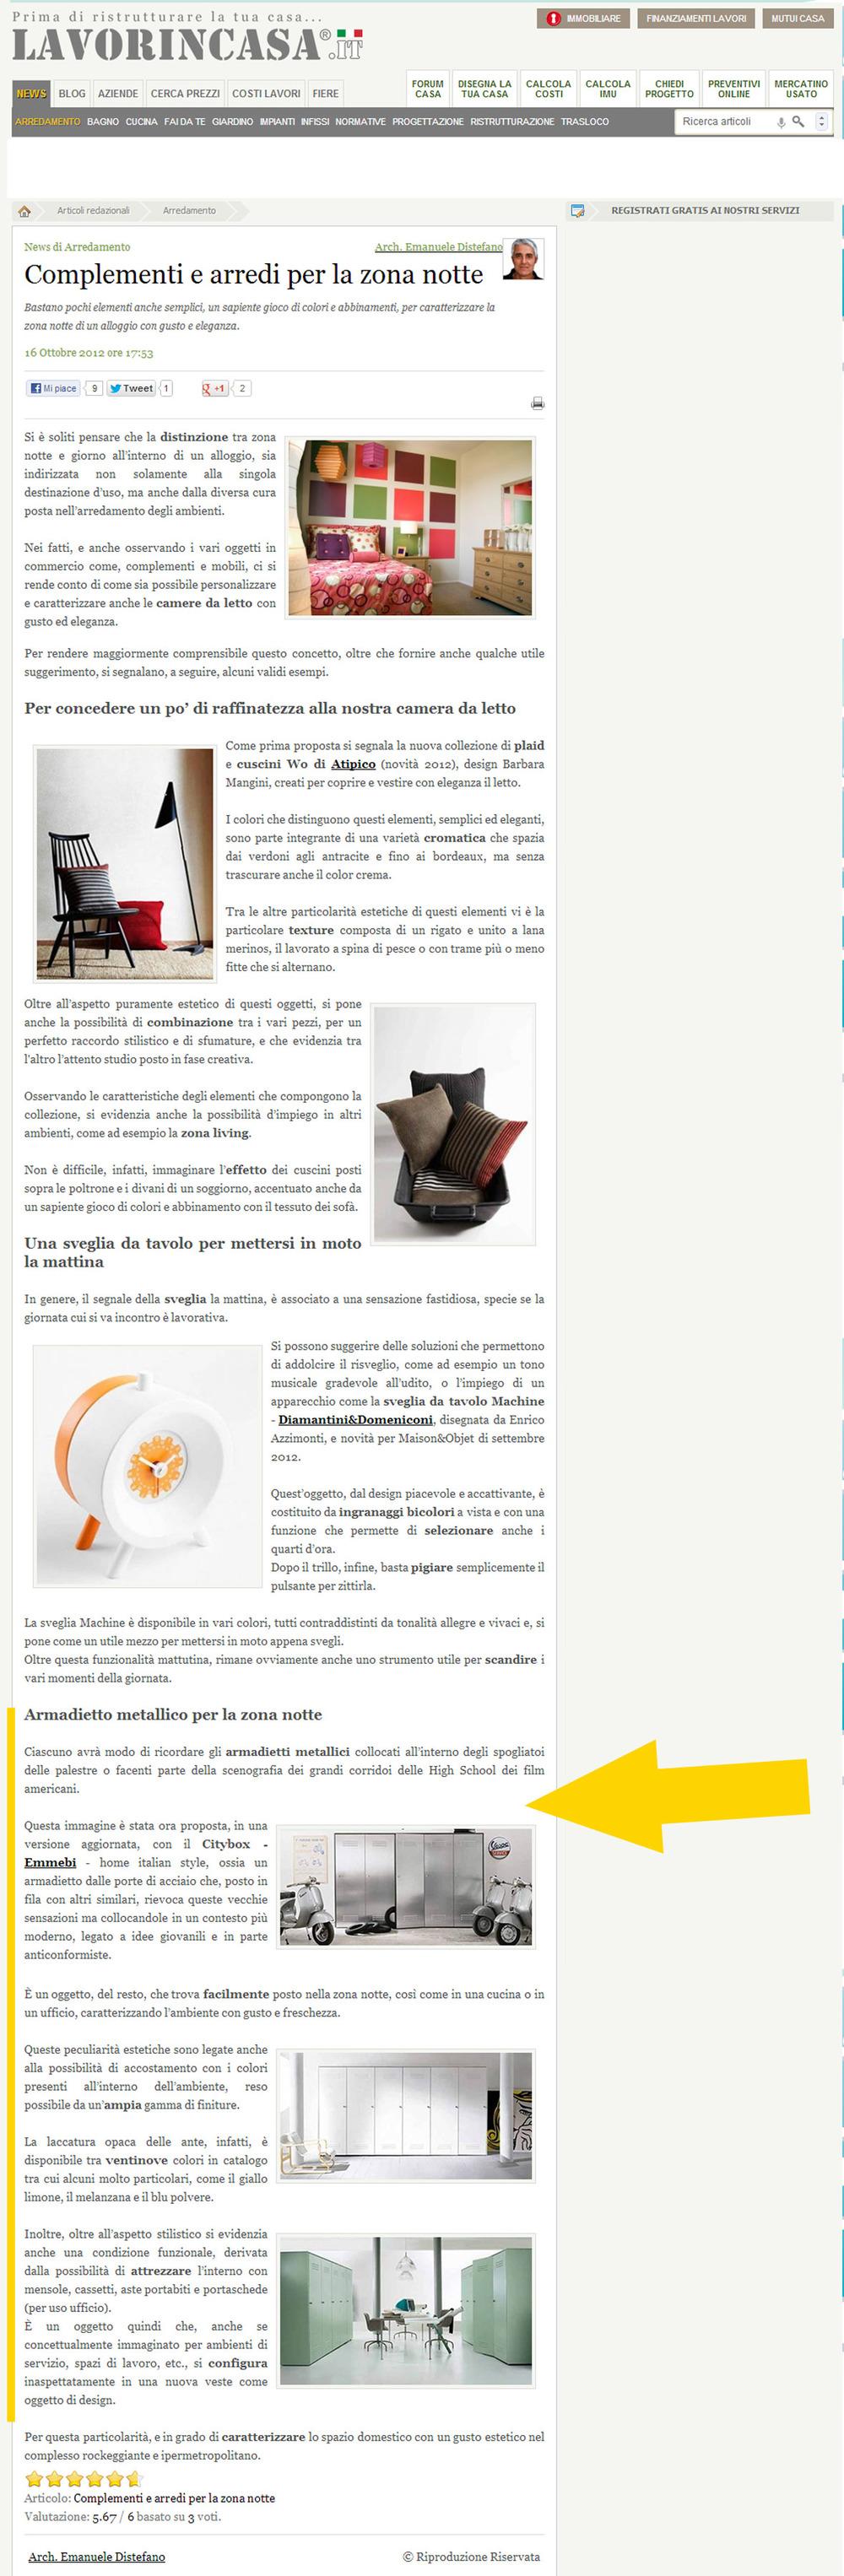 www.lavorincasa.it 17 Ottobre 2012.jpg